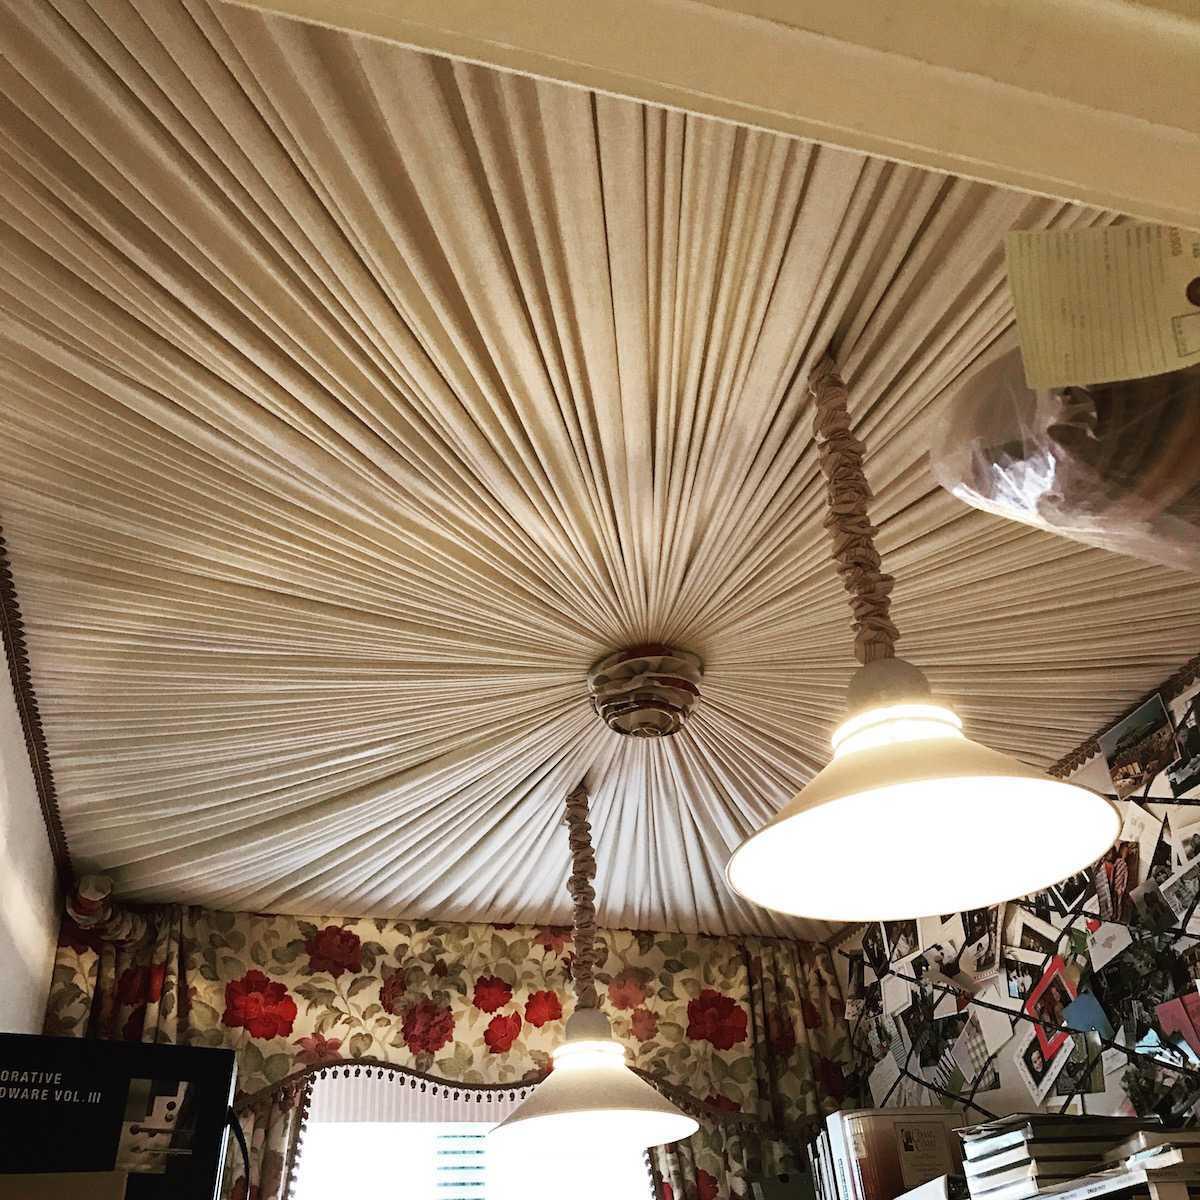 sunburst-tented-ceiling-fabric